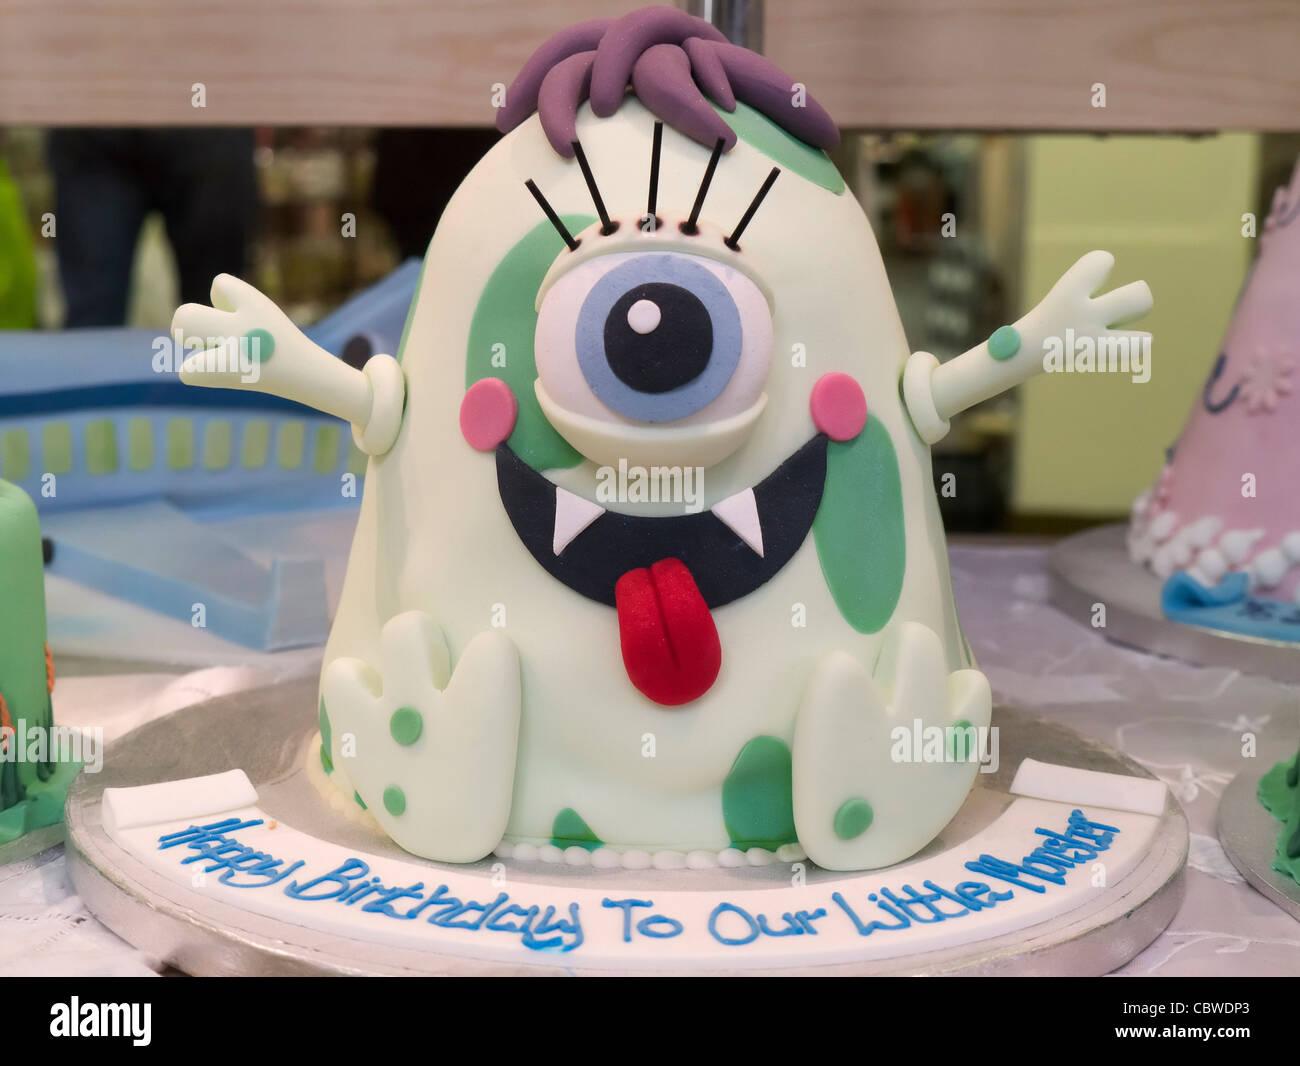 Imaginative Little Monster Birthday Cake Oxford Covered Market